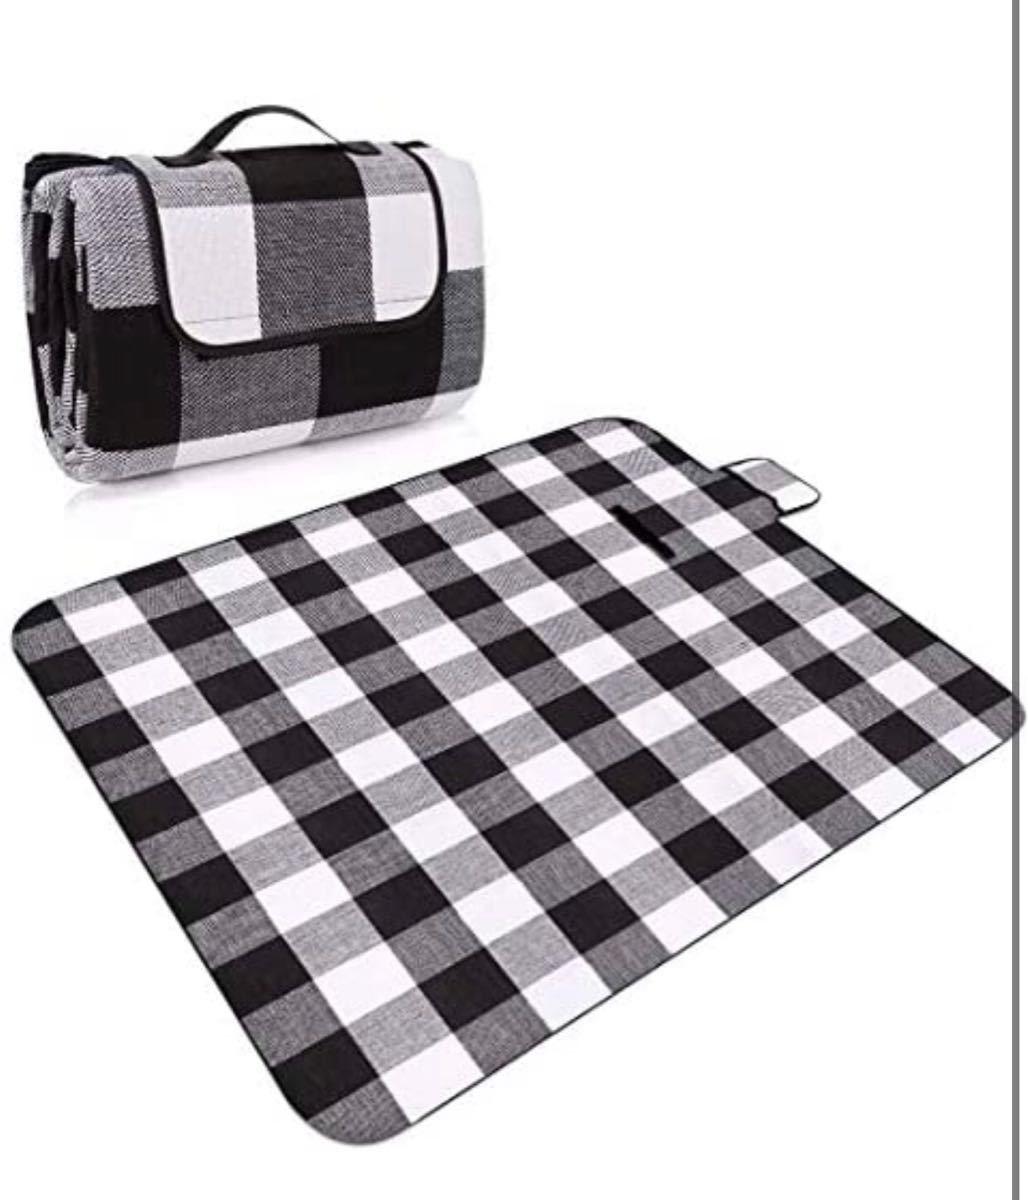 レジャーシート  ピクニックシート 厚手 折り畳み 新品未使用 キャンプマット 運動会